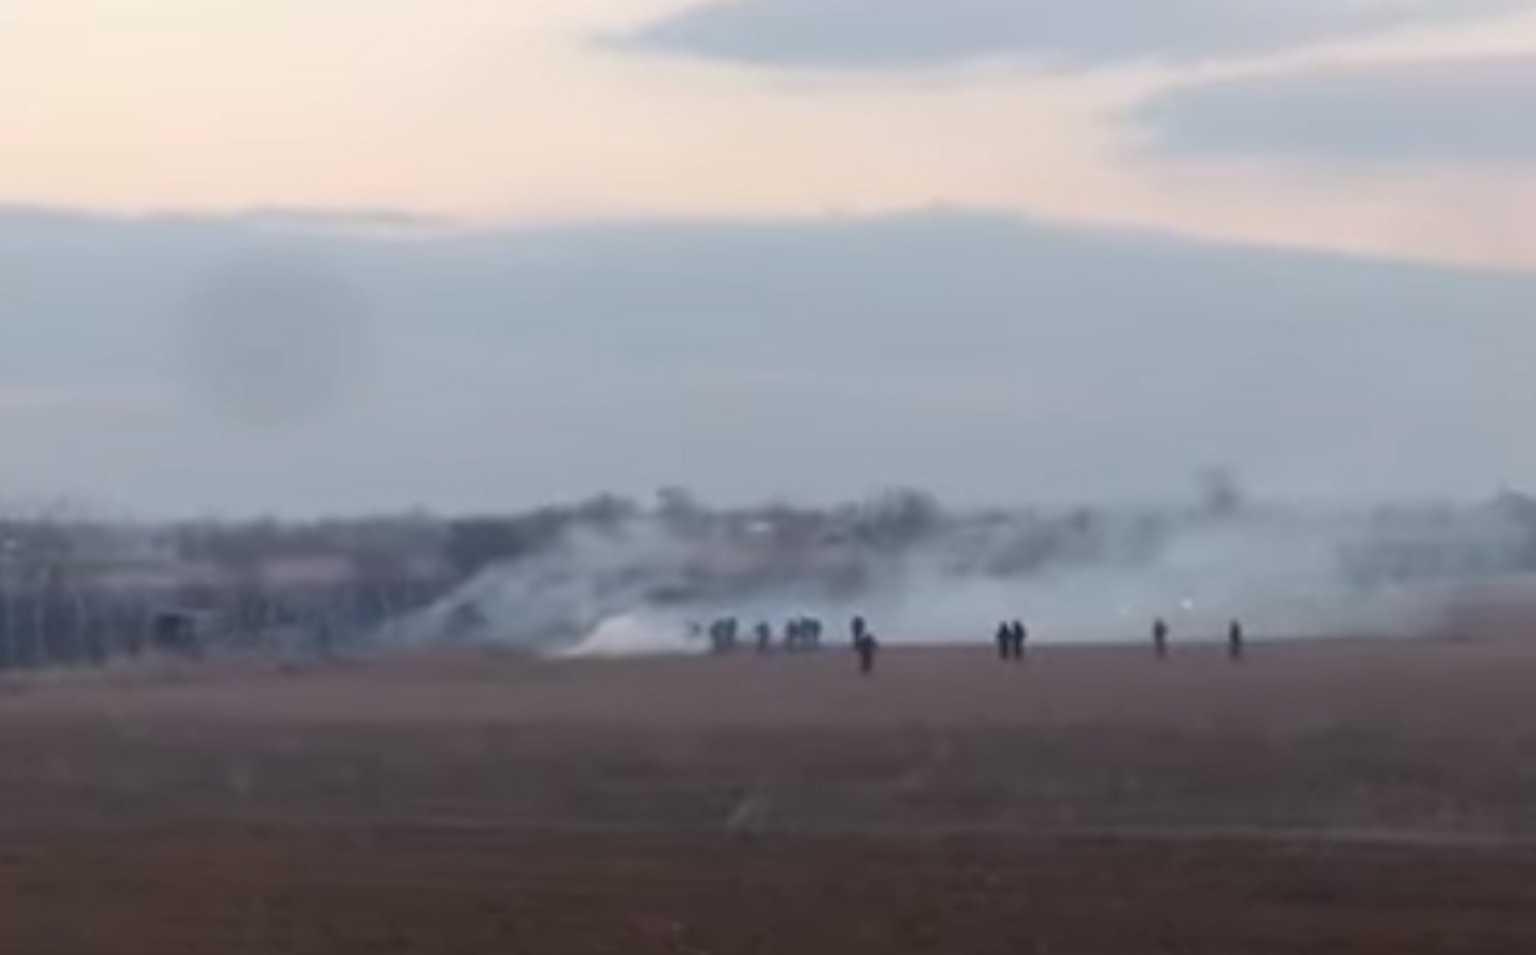 """""""Μυρίζει μπαρούτι"""" στις Καστανιές! Έκοψαν το φράχτη για να μπουν στην Ελλάδα – Έρχονται μετανάστες στα σύνορα με λεωφορεία! (BINTEO)"""